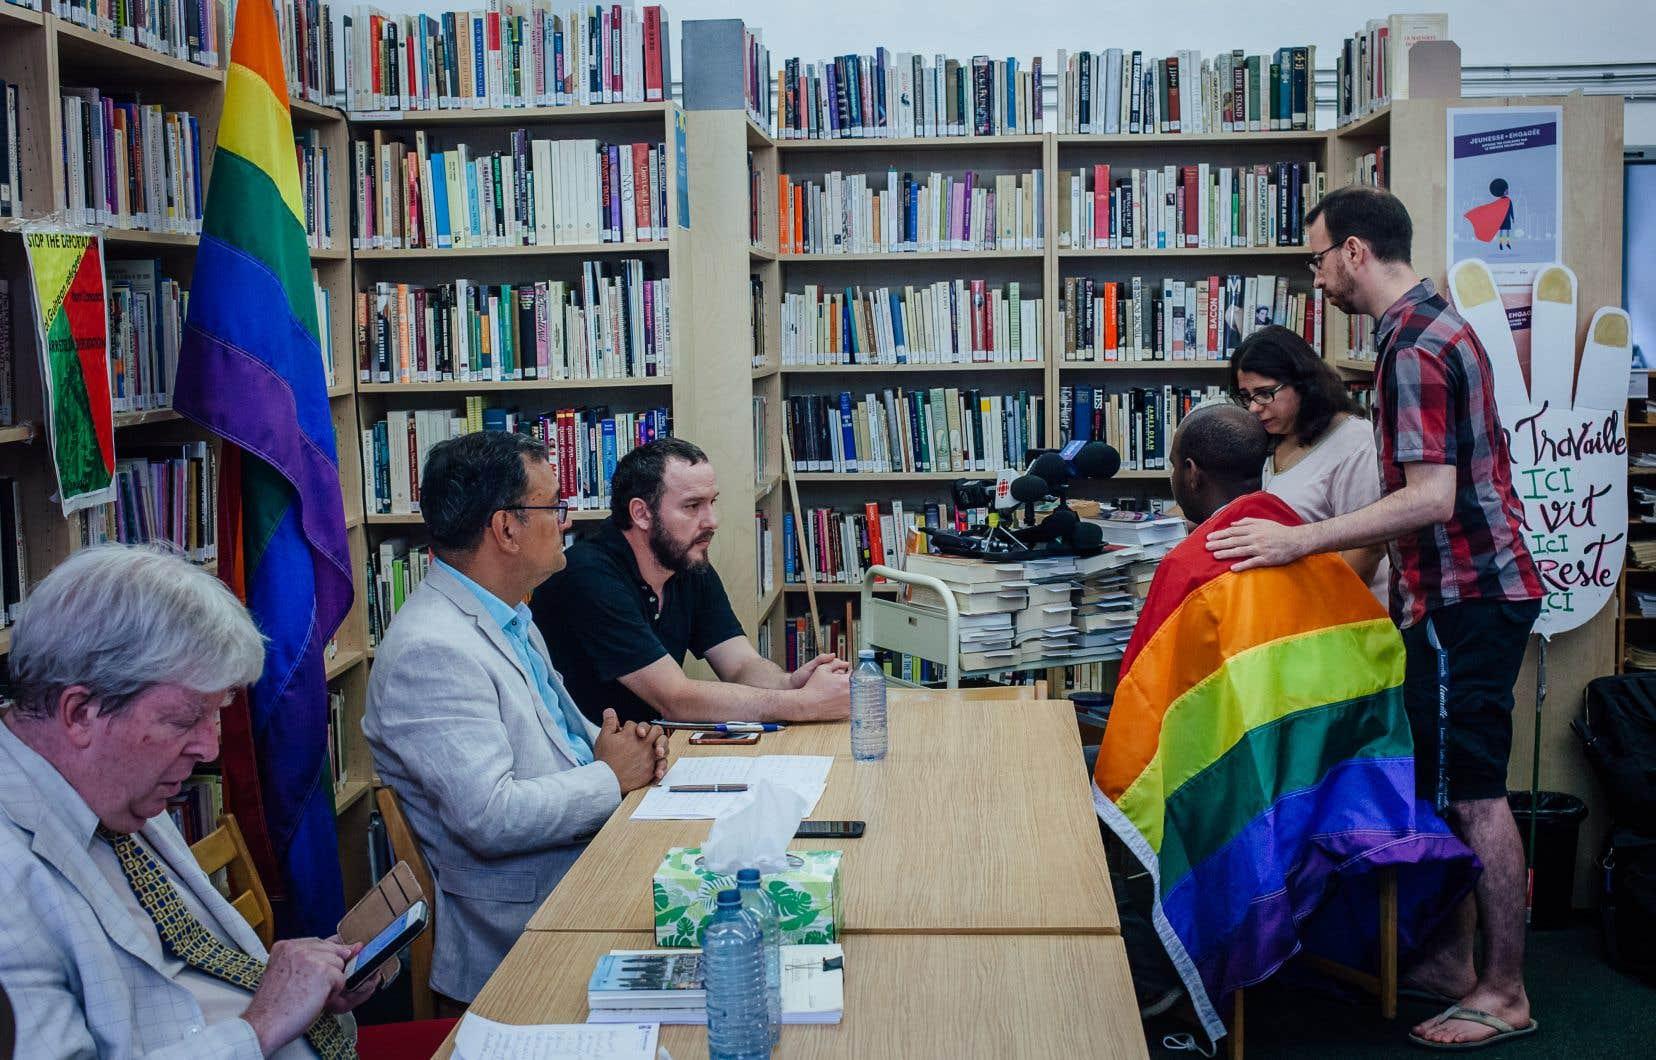 Des groupes de défense des droits de la communauté LGBTQ ainsi que des immigrants tiennent une conférence de presse concernant le cas d'un Guinéen (de dos sur la photo et portant le drapeau LGBTQ) qui serait menacé dans son pays d'origine en tant que militant politique d'opposition et en tant qu'homme bisexuel.